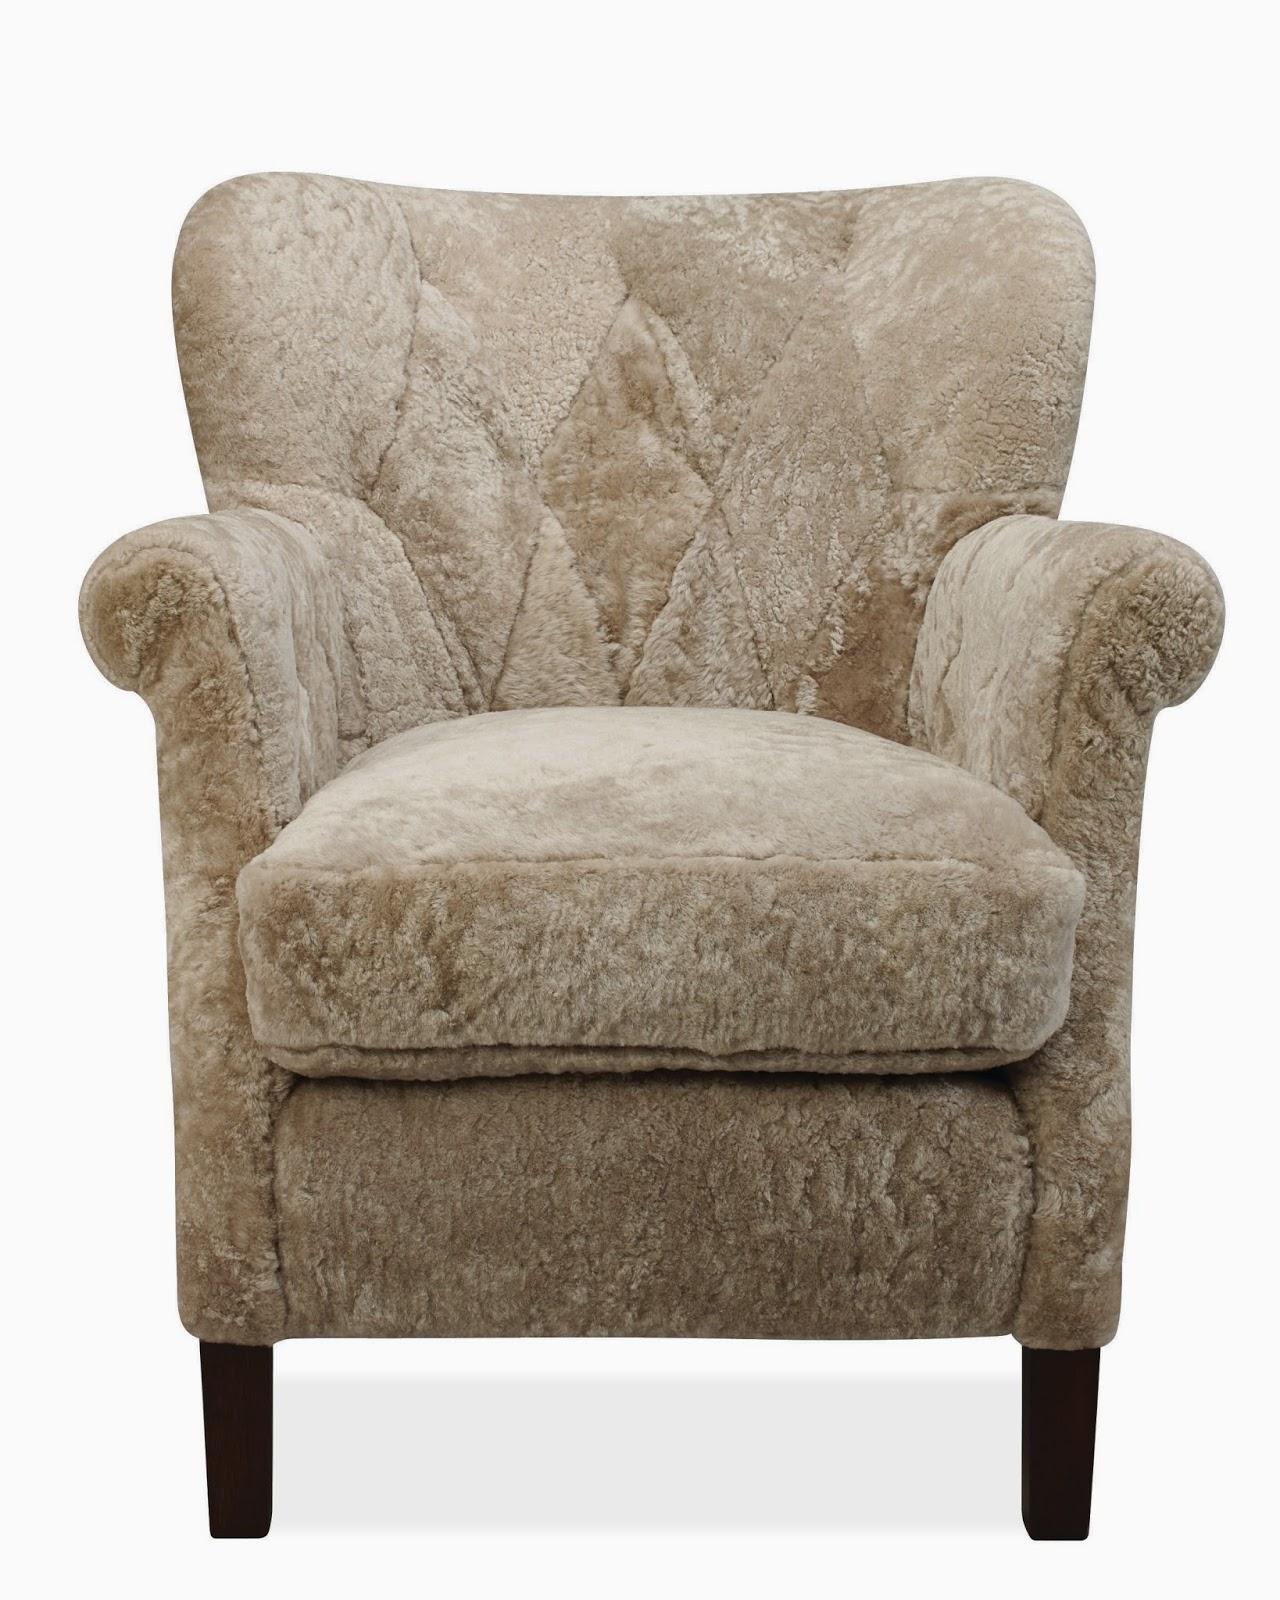 Lee+Chair.JPG